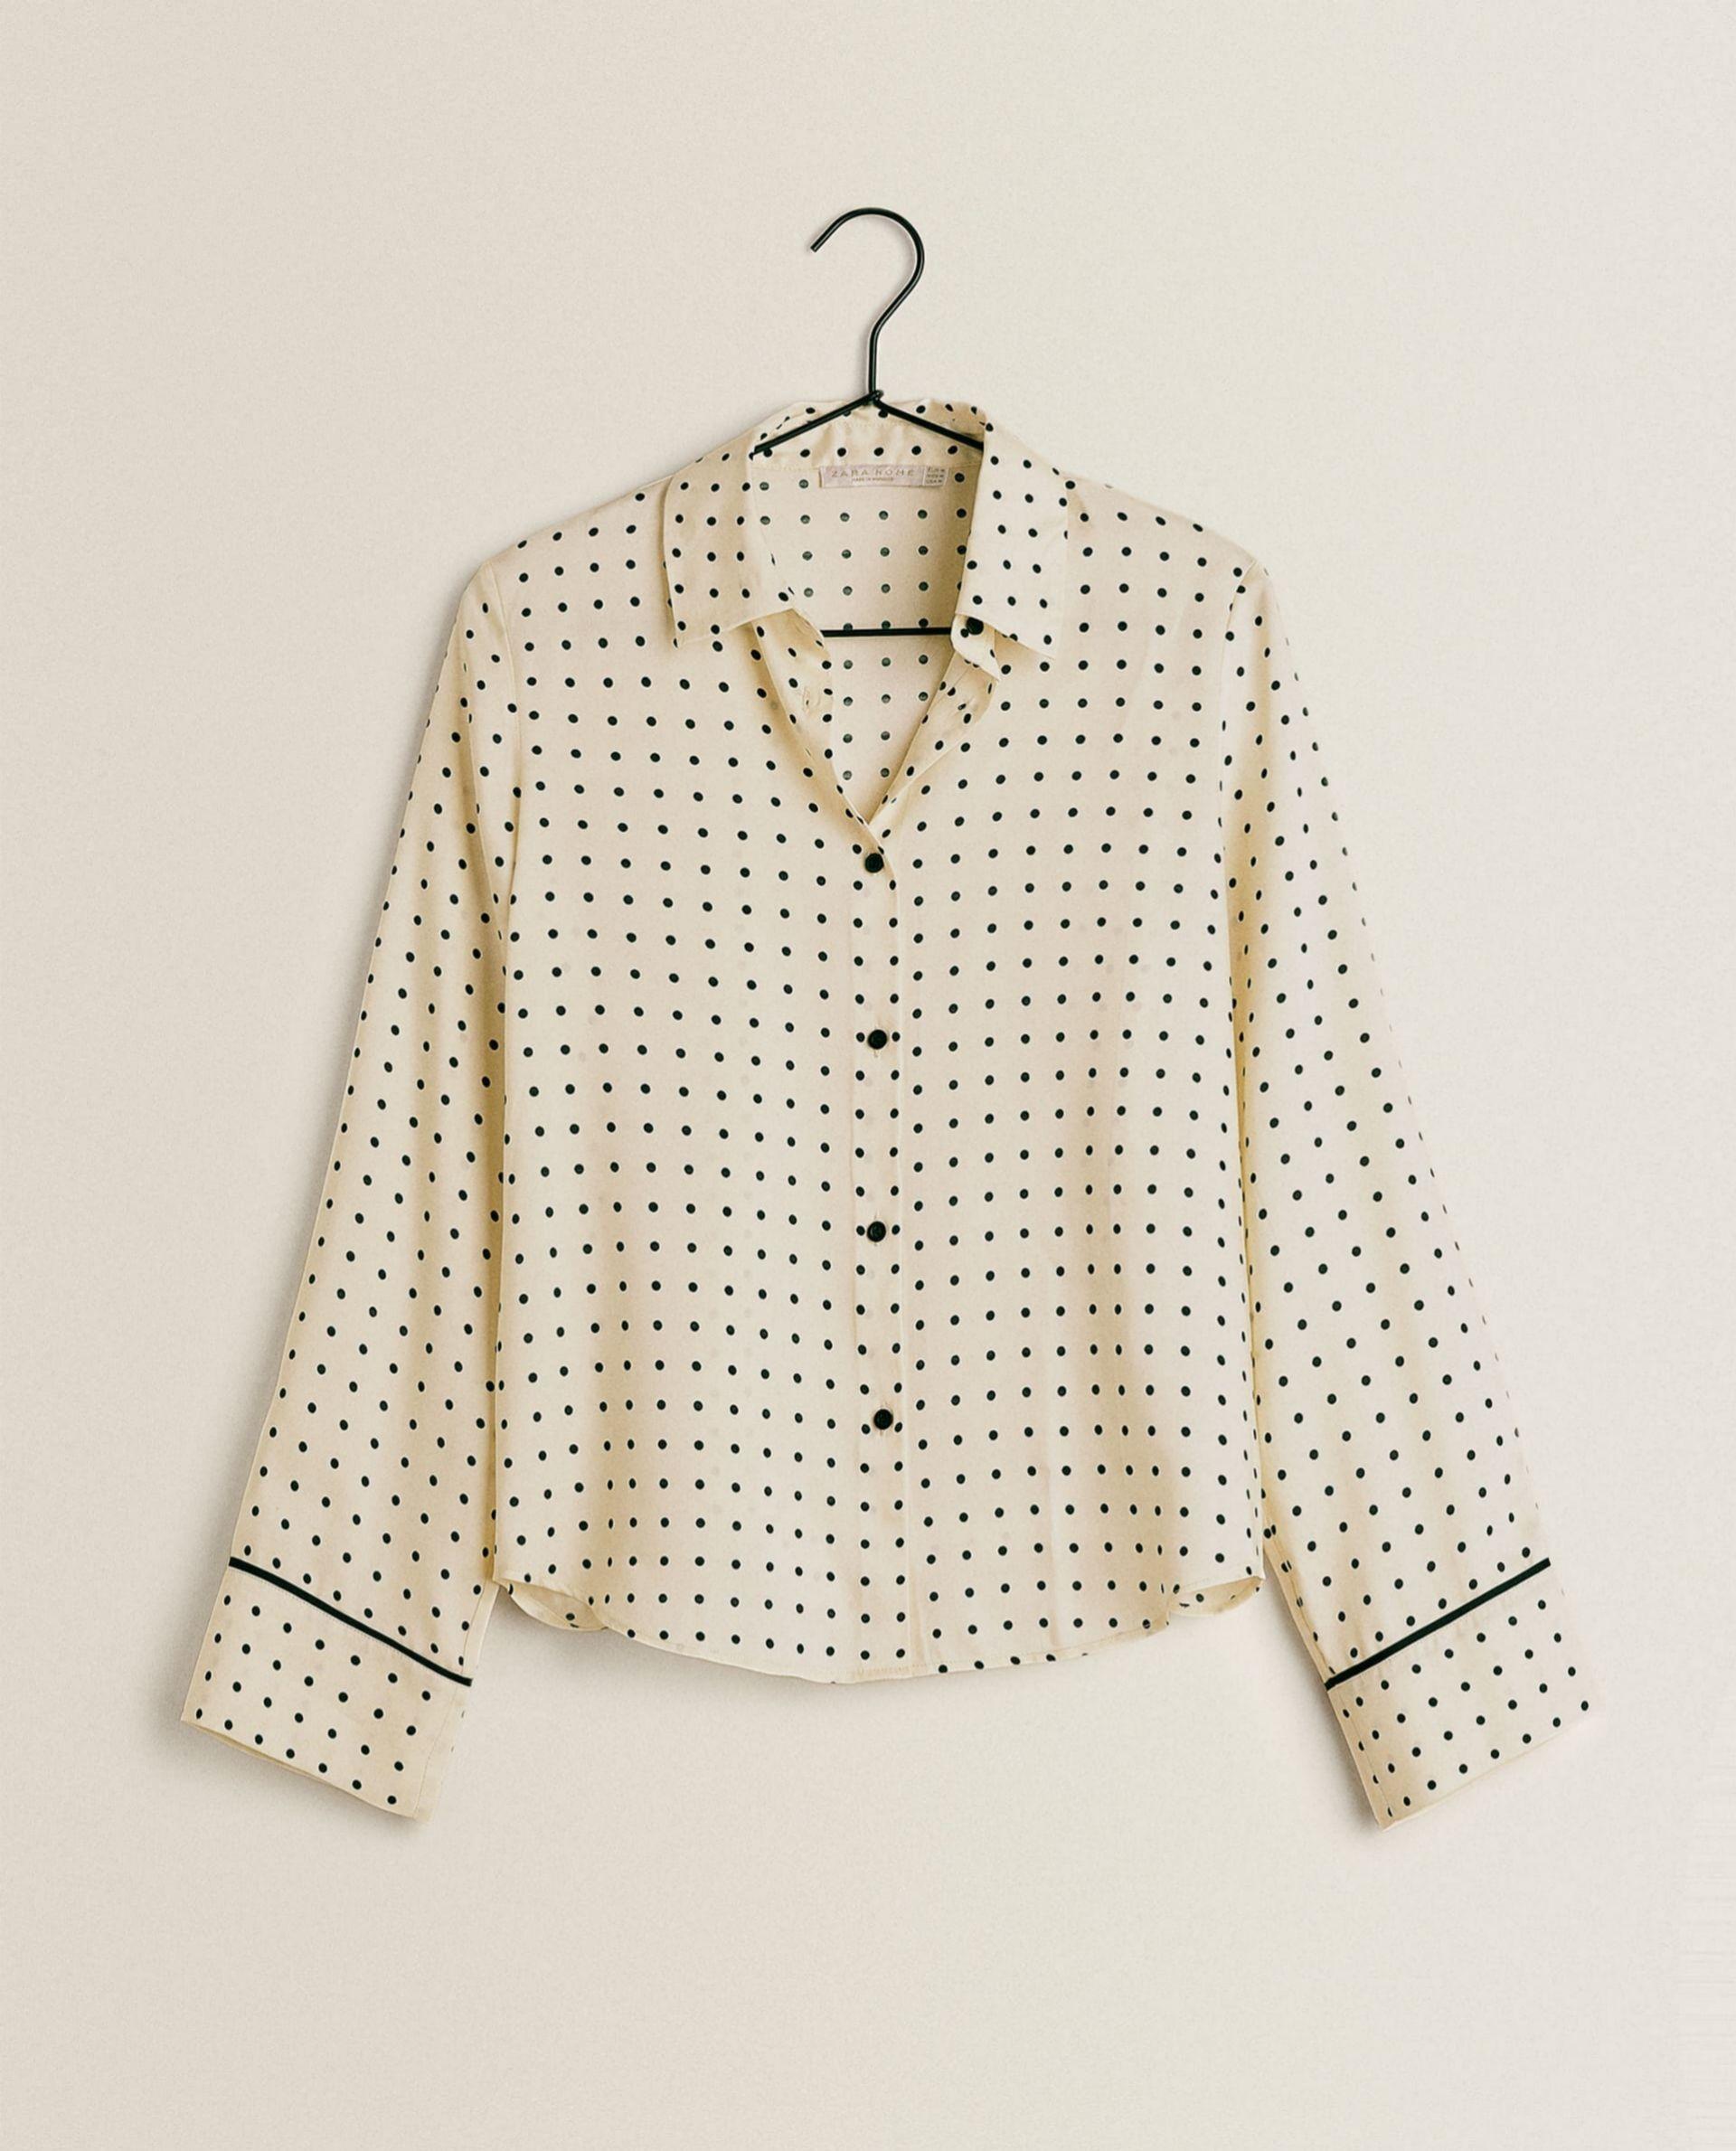 Camisa de satén (19,99 euros) Zara Home.